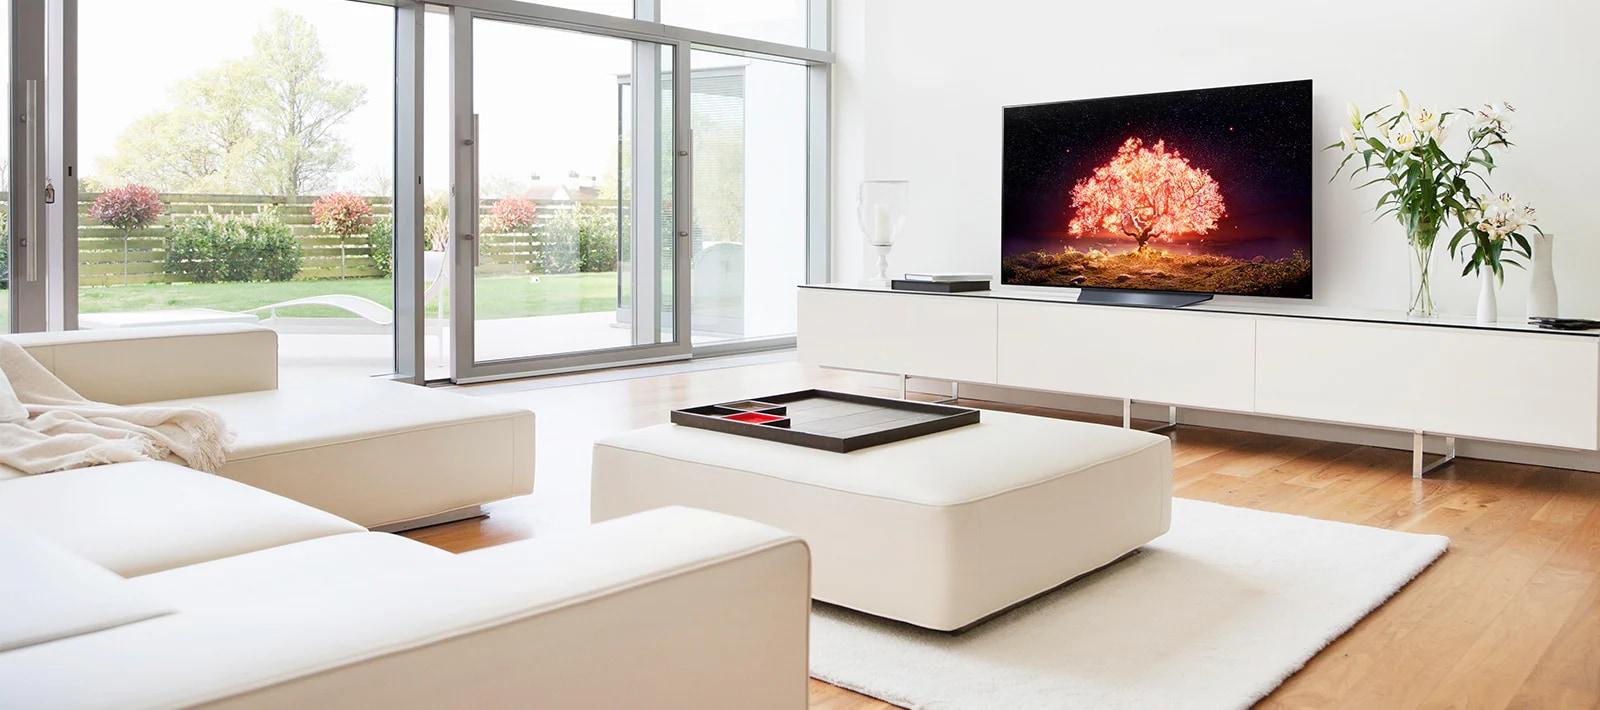 Телевизор, демонстрирующий дерево, излучающее красный свет на белом фоне, и простую обстановку дома